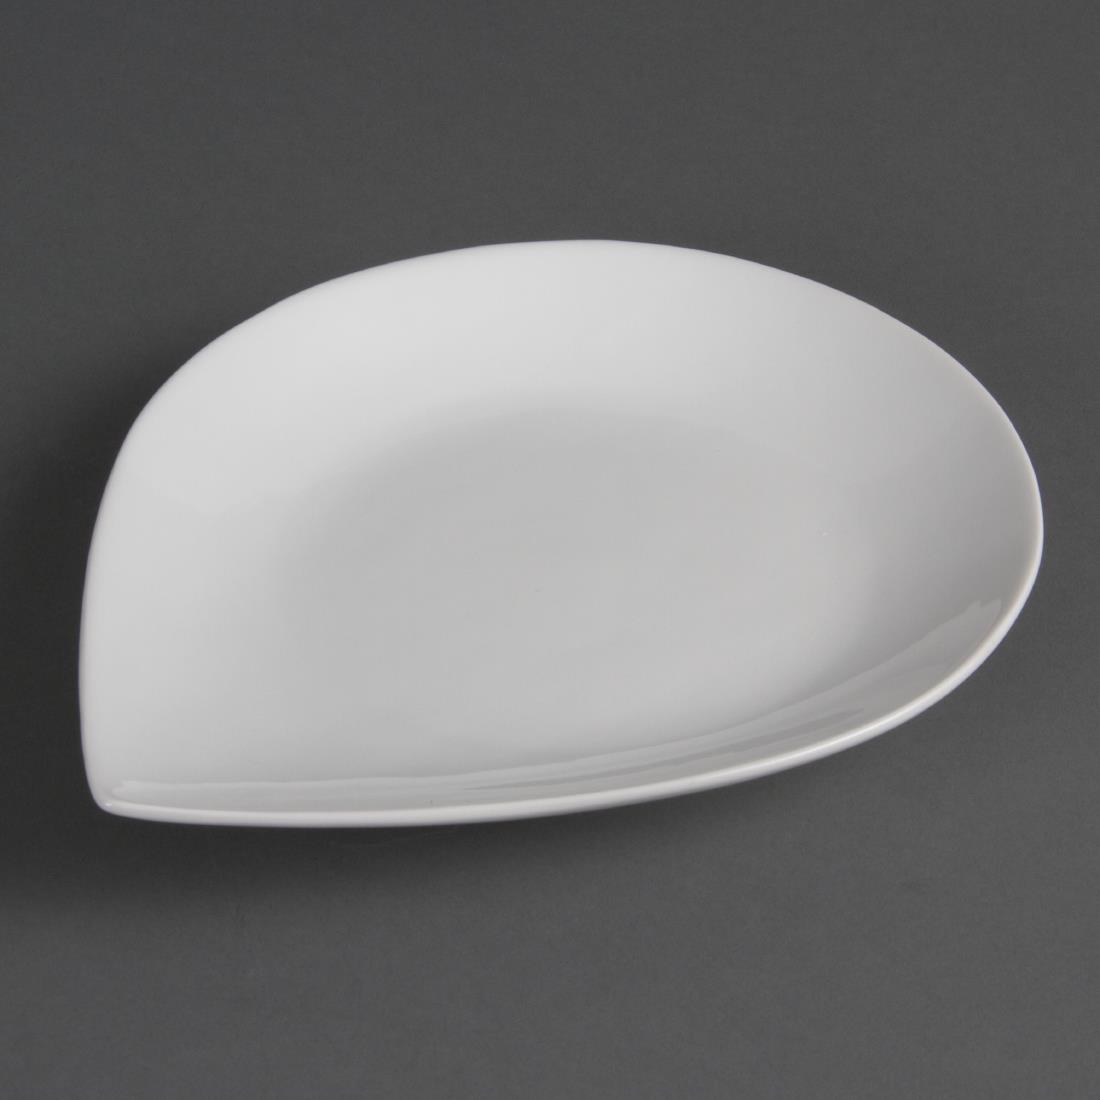 Tear Plate